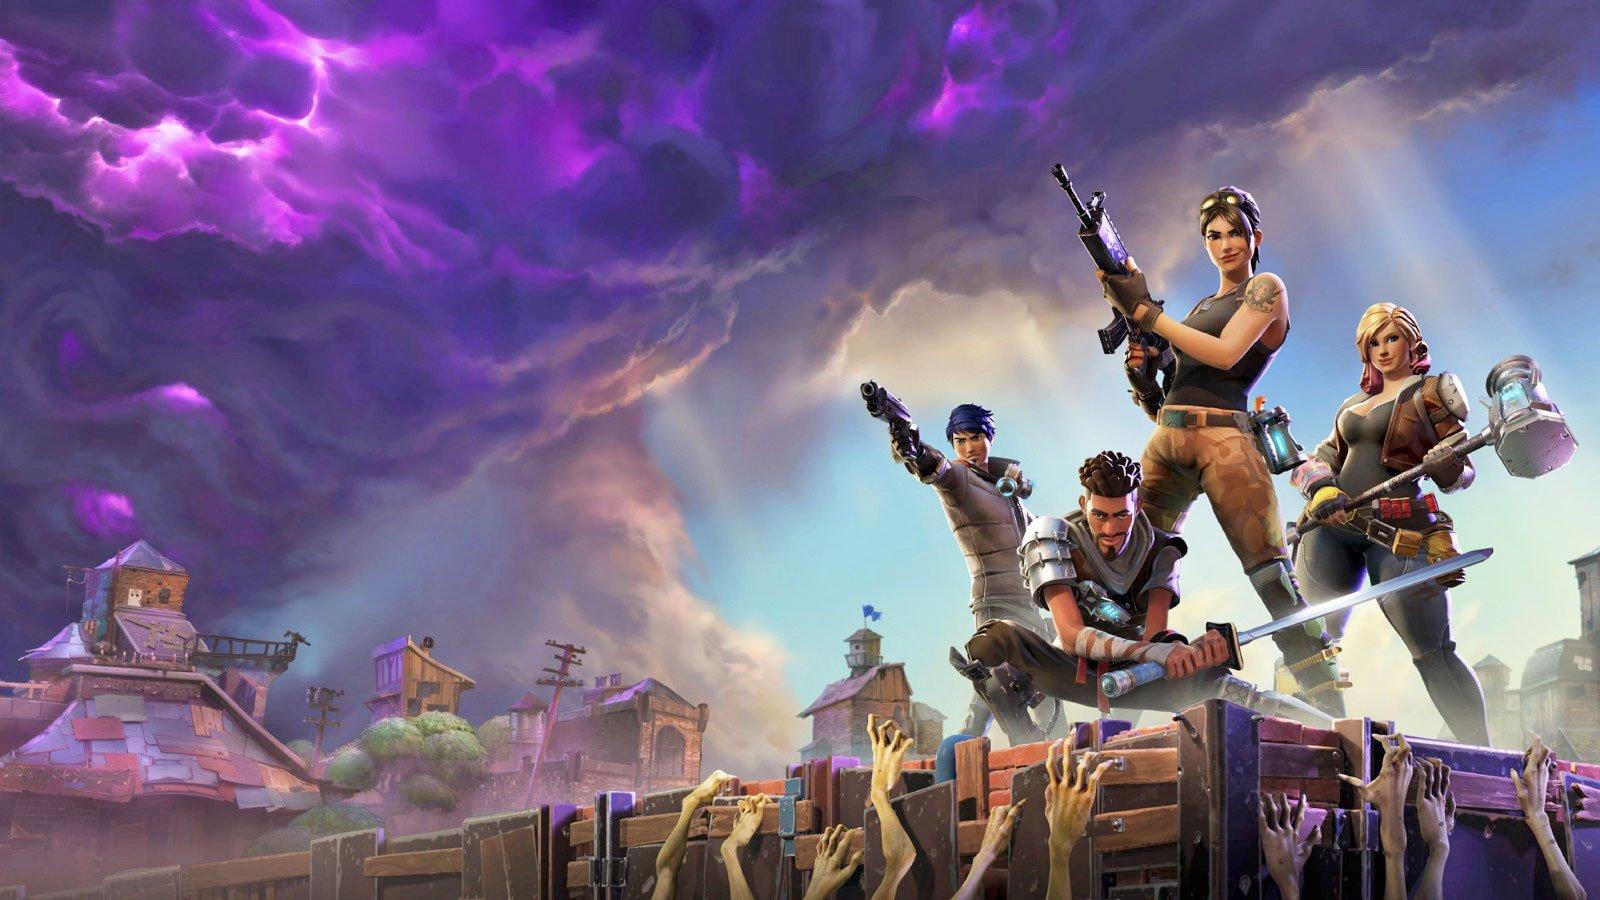 Gwiazdy pozywają Epic Games. Wszystkiemu winne są tańce w Fortnite